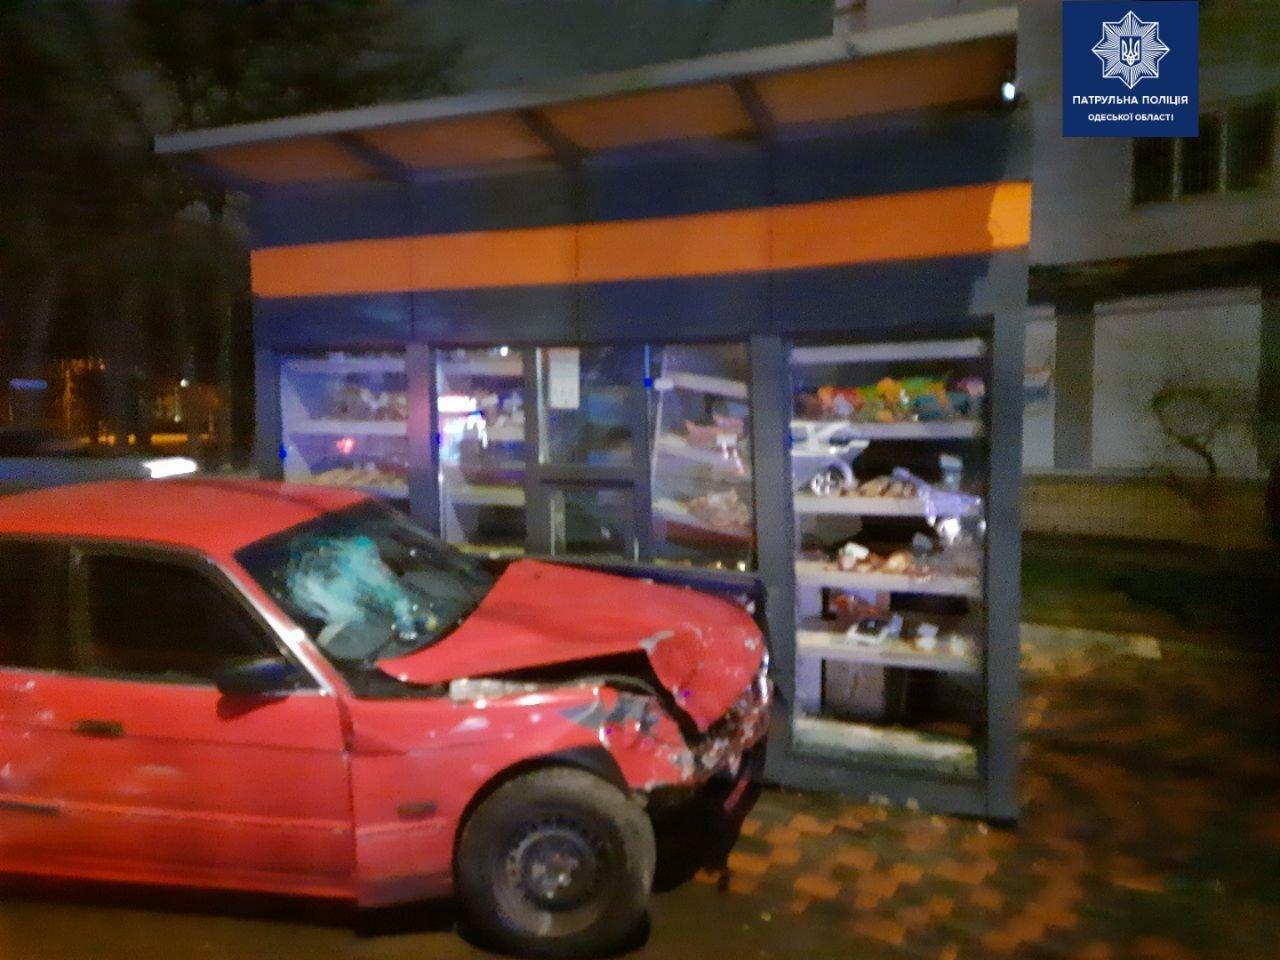 ДТП в Одессе: Автомобиль влетел в магазин, - ФОТО, фото-22